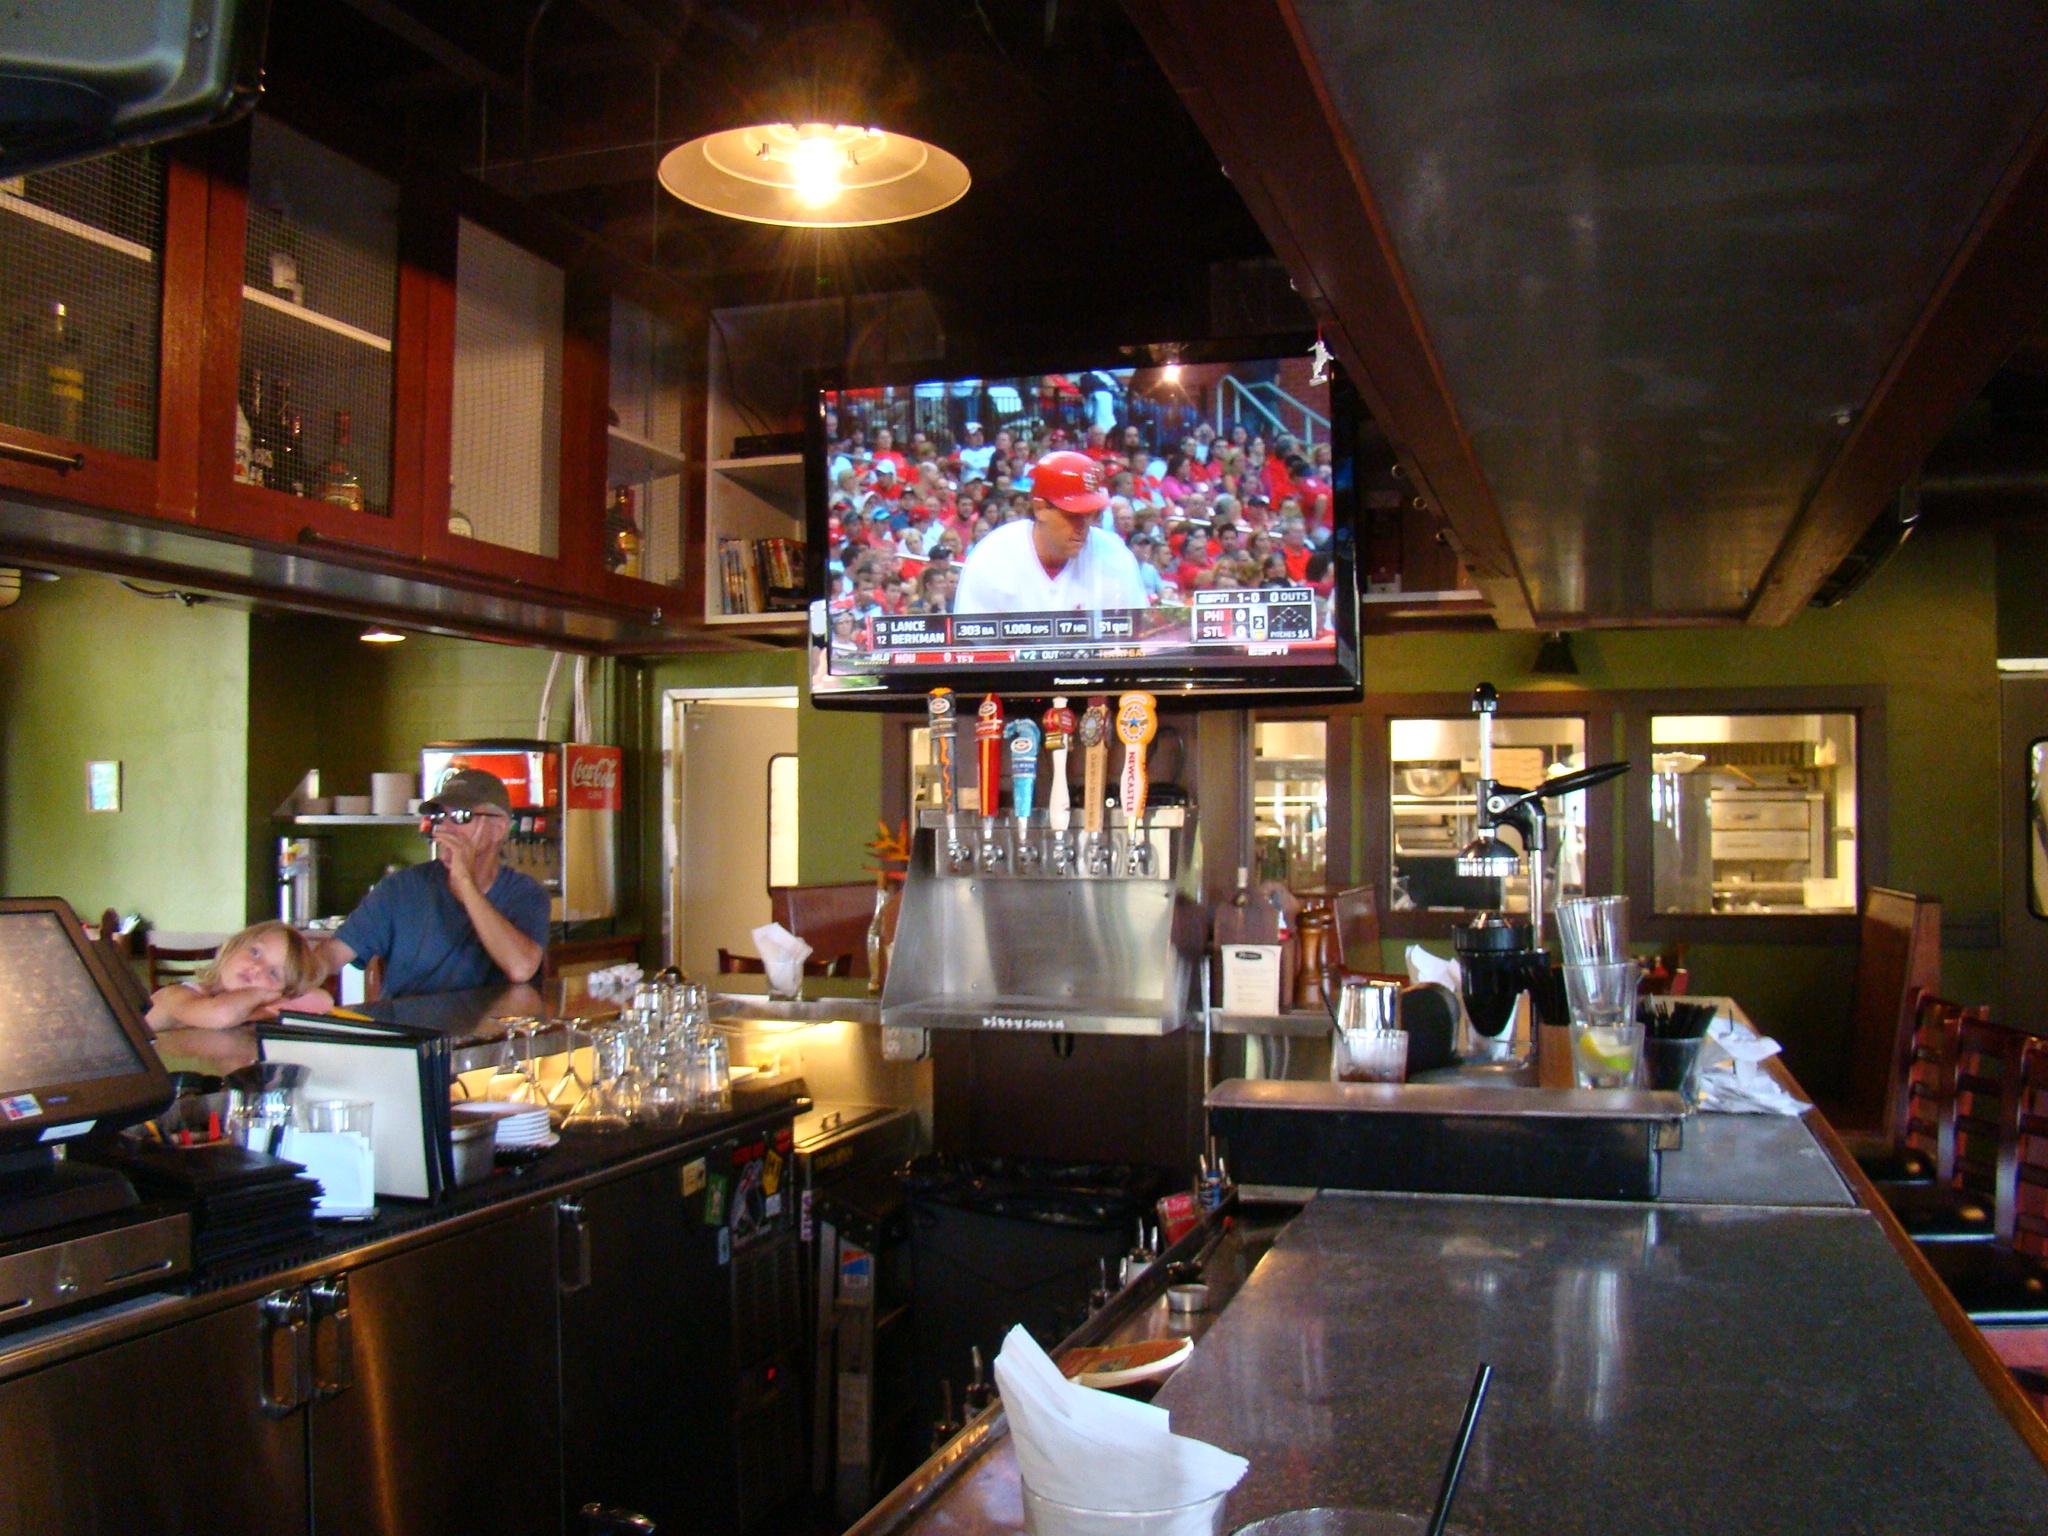 TV inside Bar